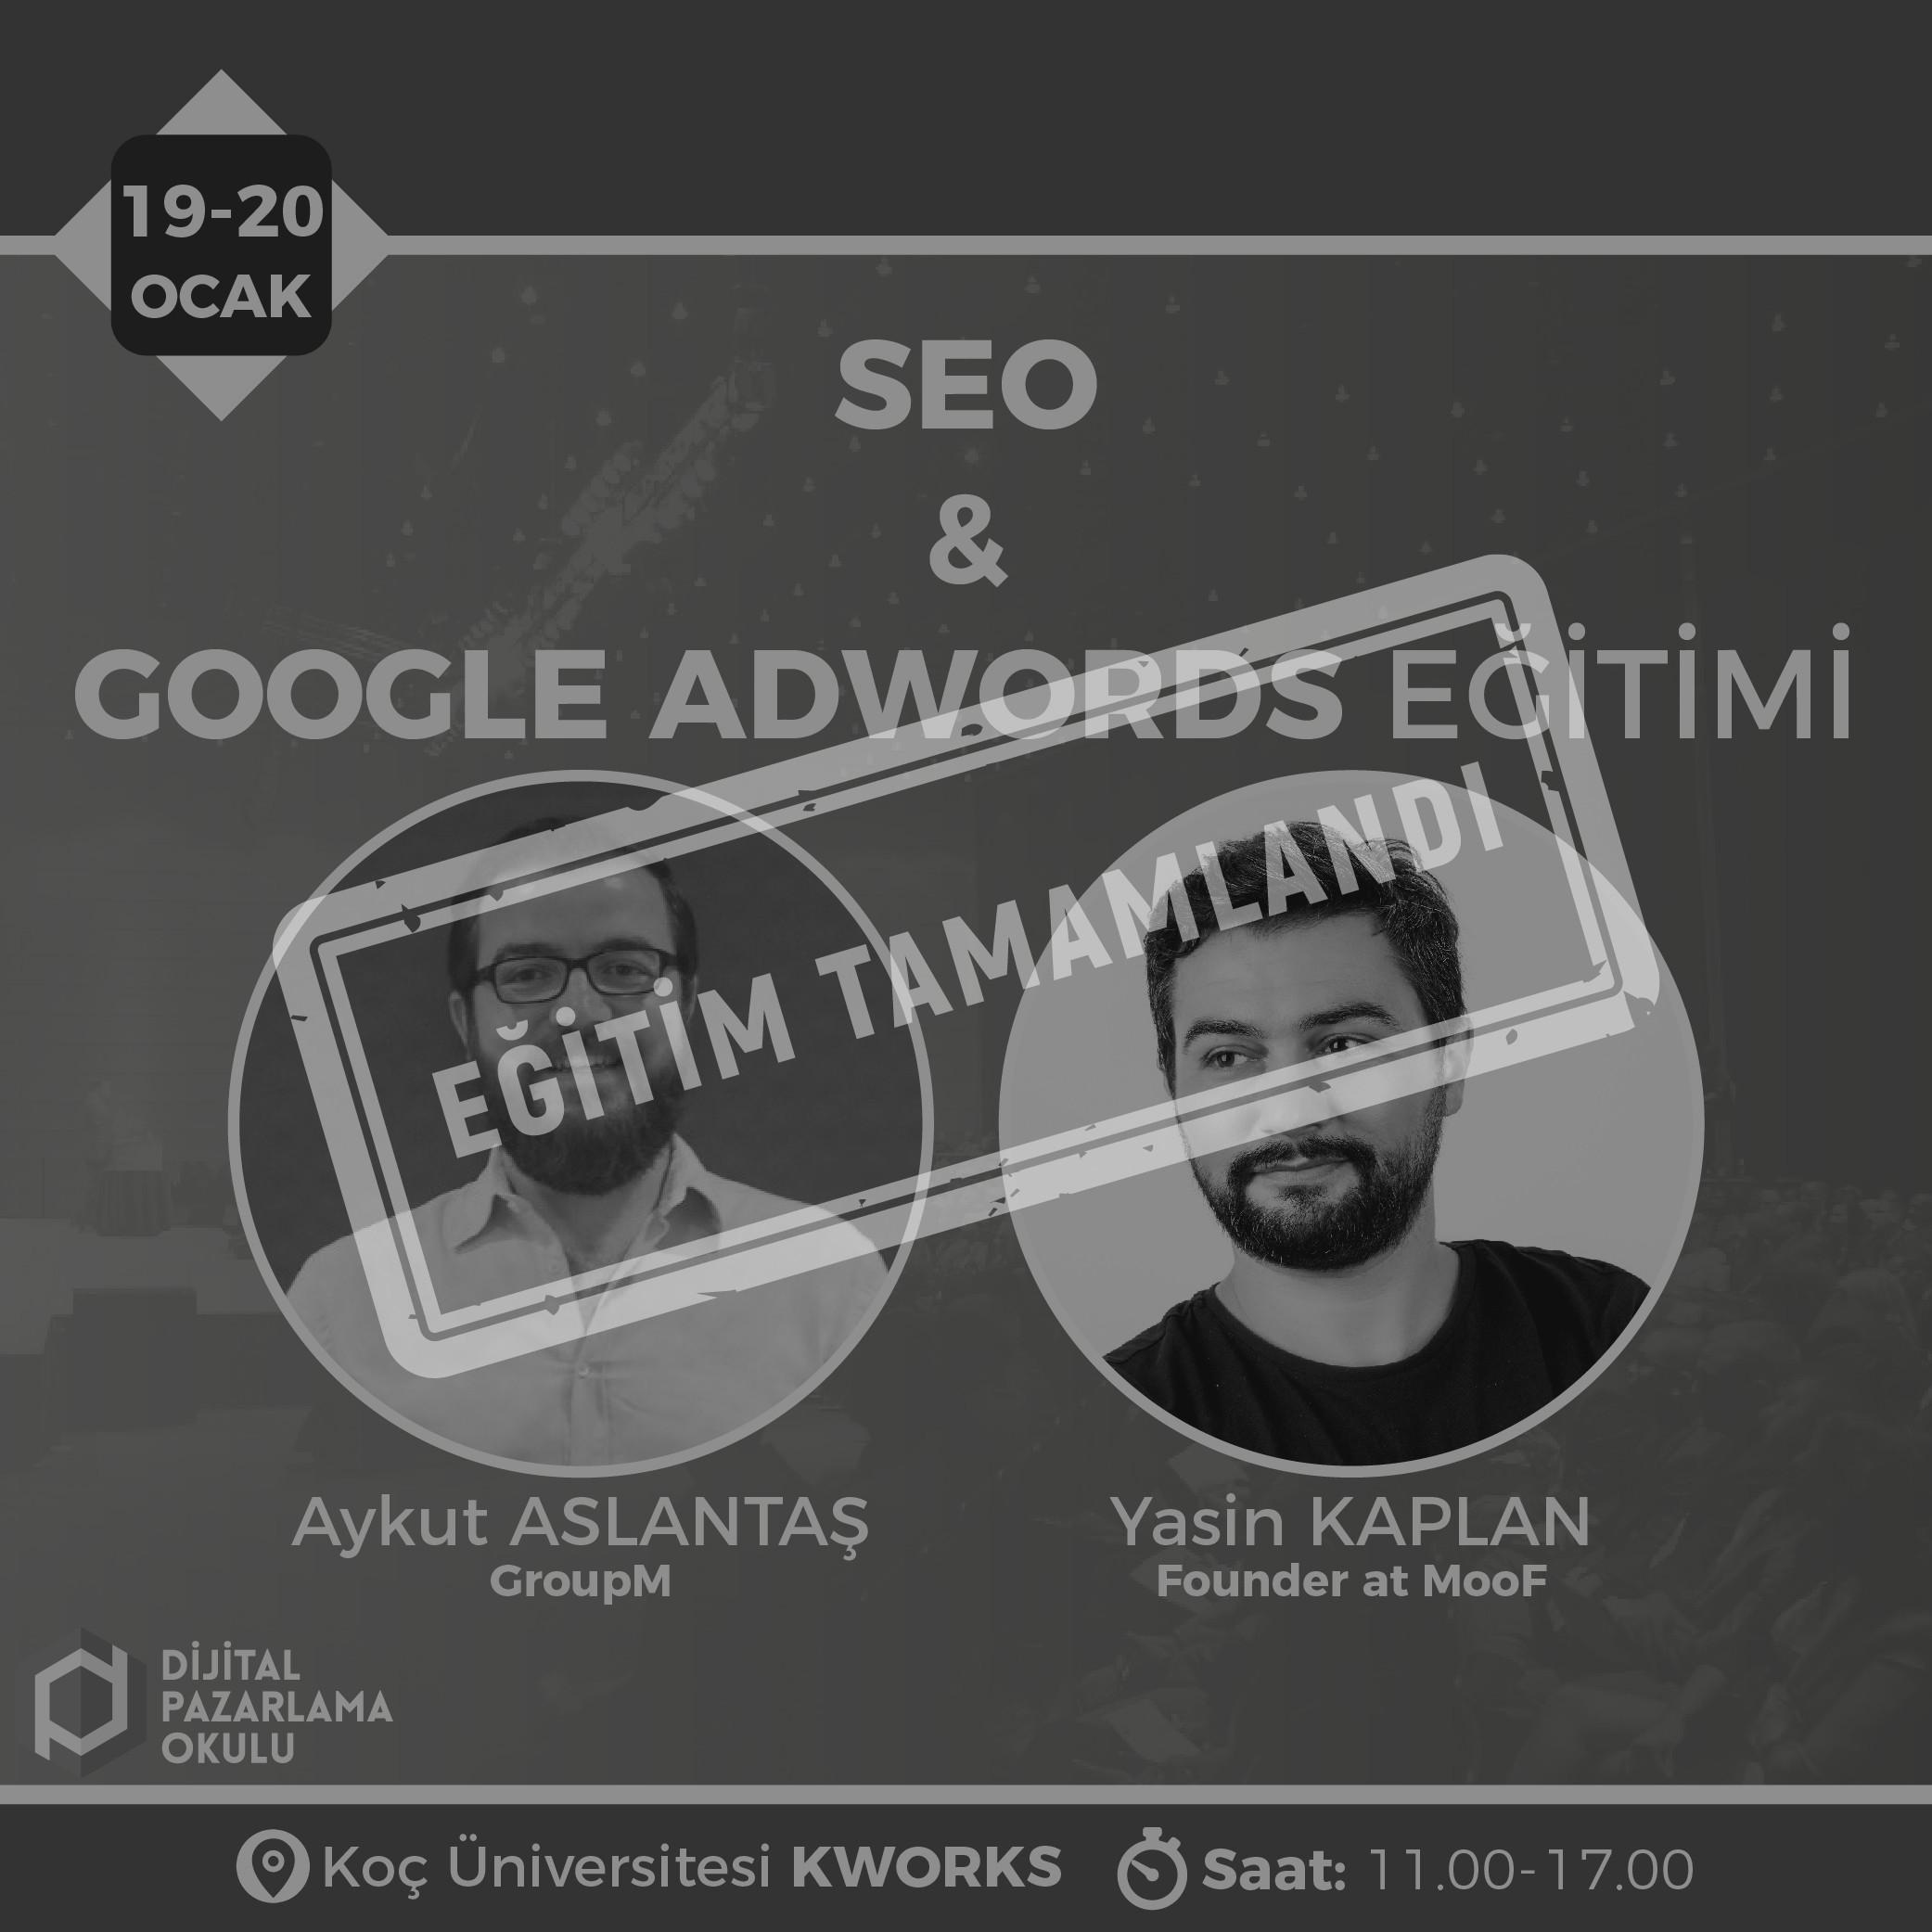 seo ve google ads egitimi